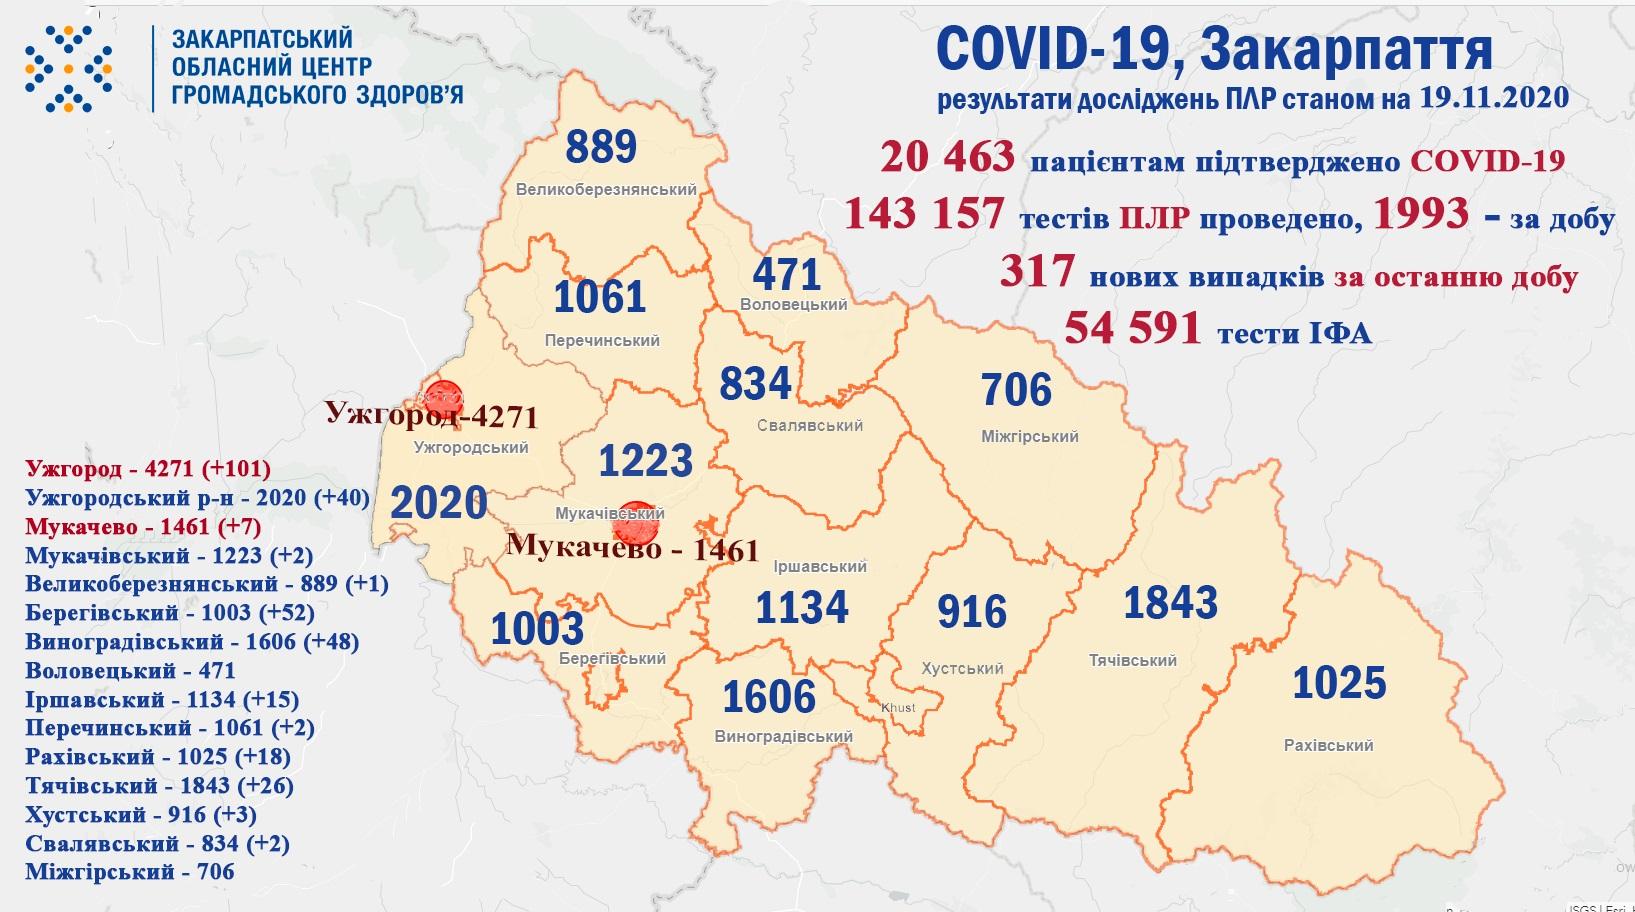 За добу на Закарпатті виявлено 317 нових випадків коронавірусної інфекції